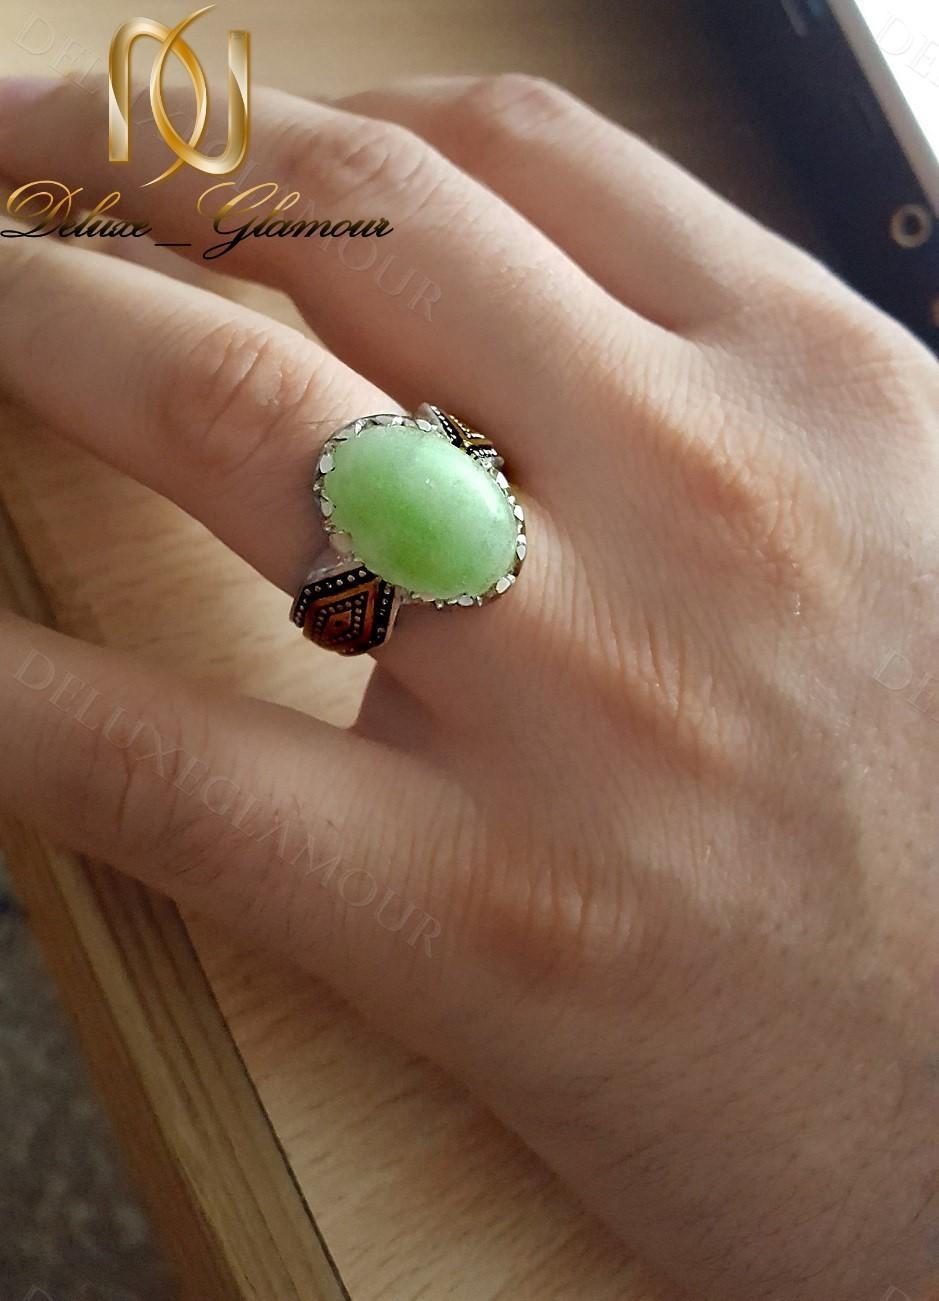 خرید انگشتر مردانه نقره با سنگ شب چراغ Rg-n240 - روی دست